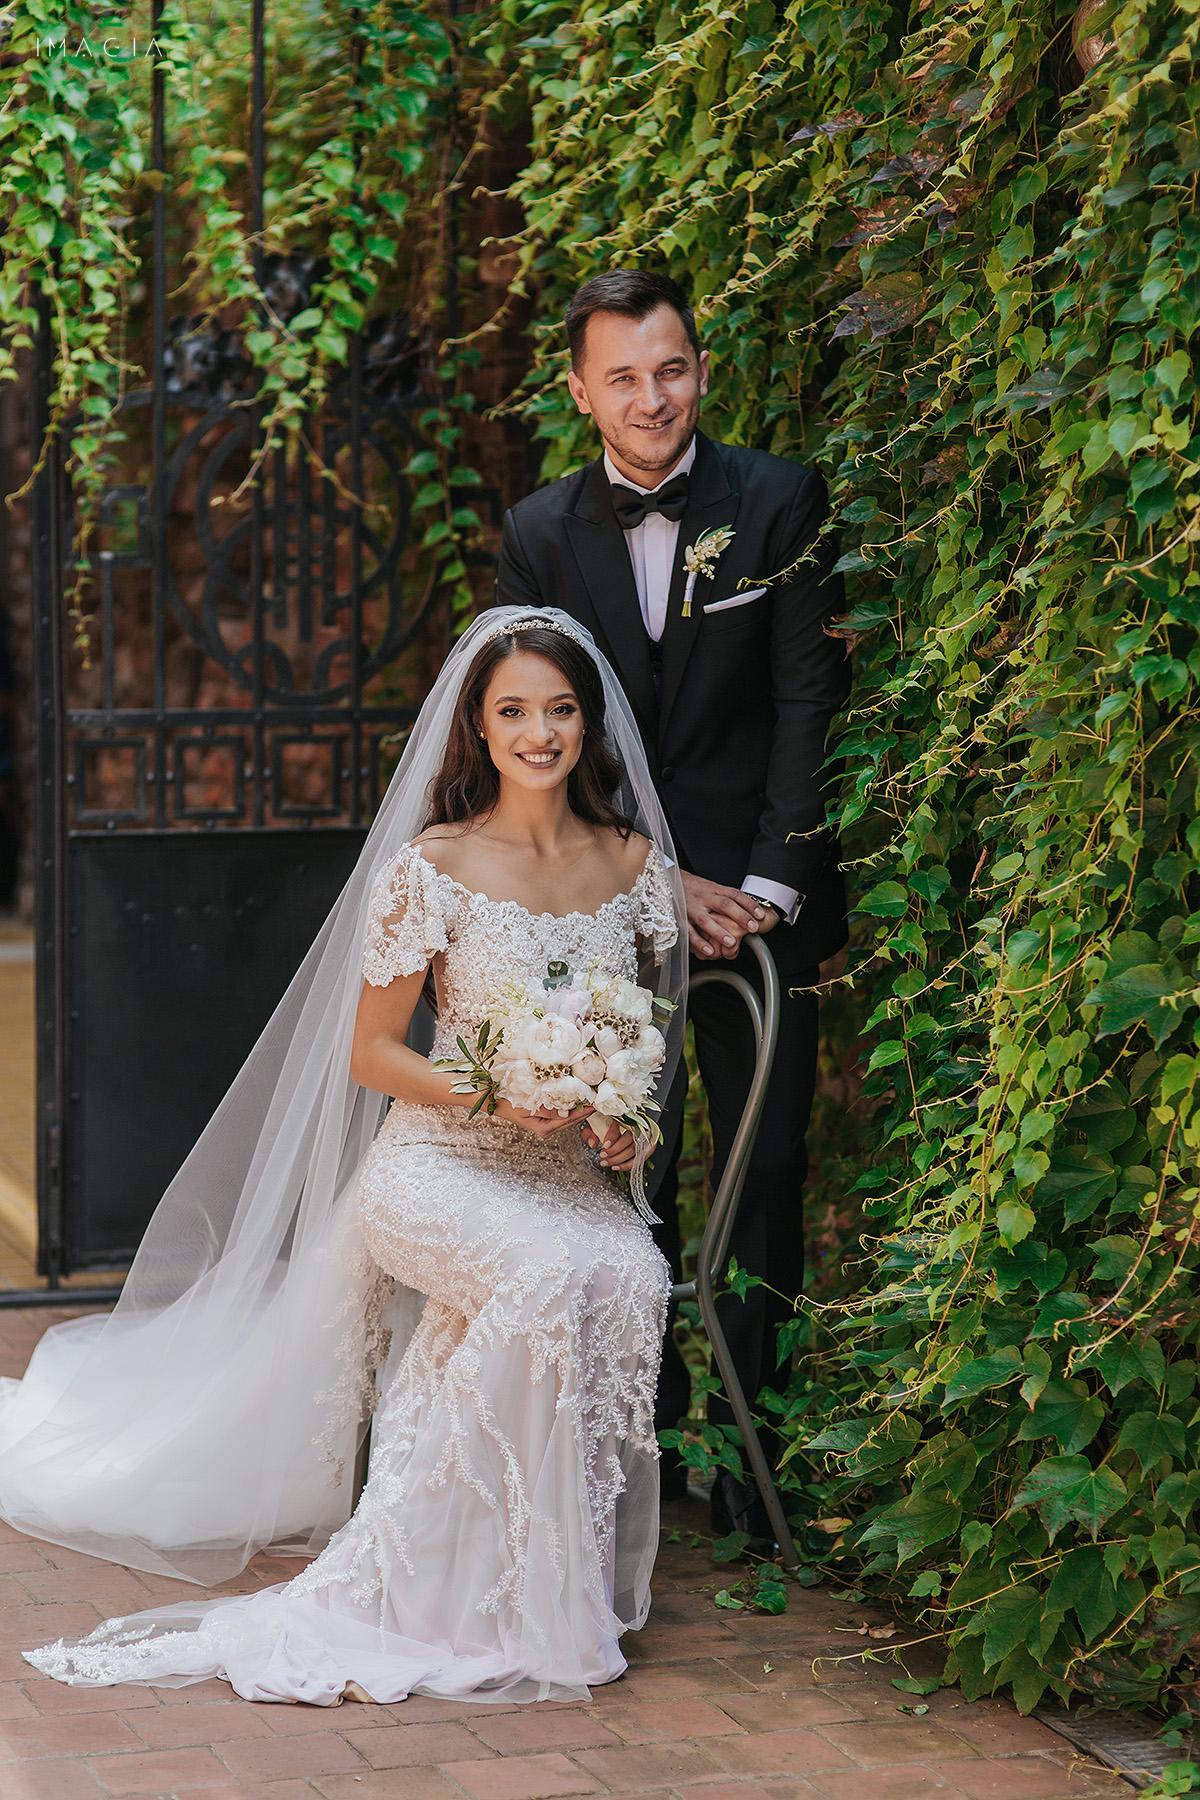 Sedinta foto de nunta in Satu Mare la Hotel Poesis cu rochie de mireasa creata de Ioana Calin